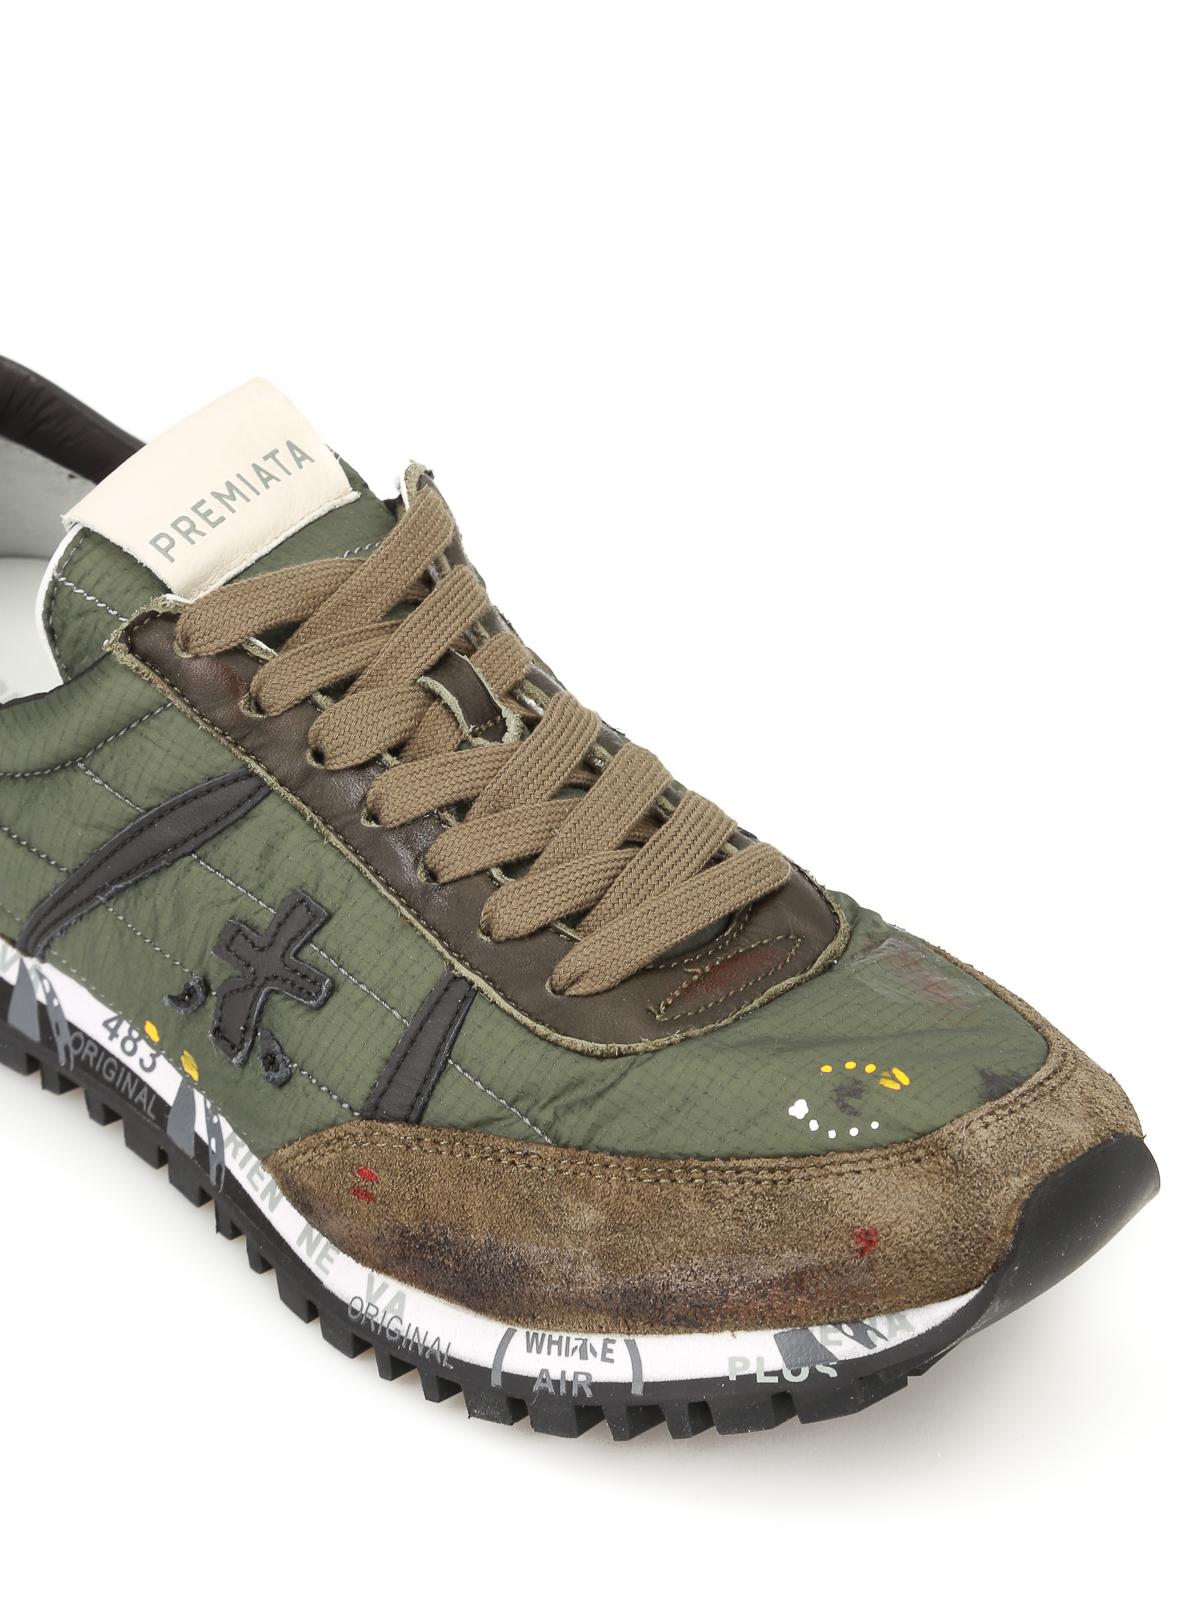 eccezionale gamma di colori prestazioni superiori grande sconto per Premiata - Sean sneakers - trainers - SEAN2897   Shop online ...